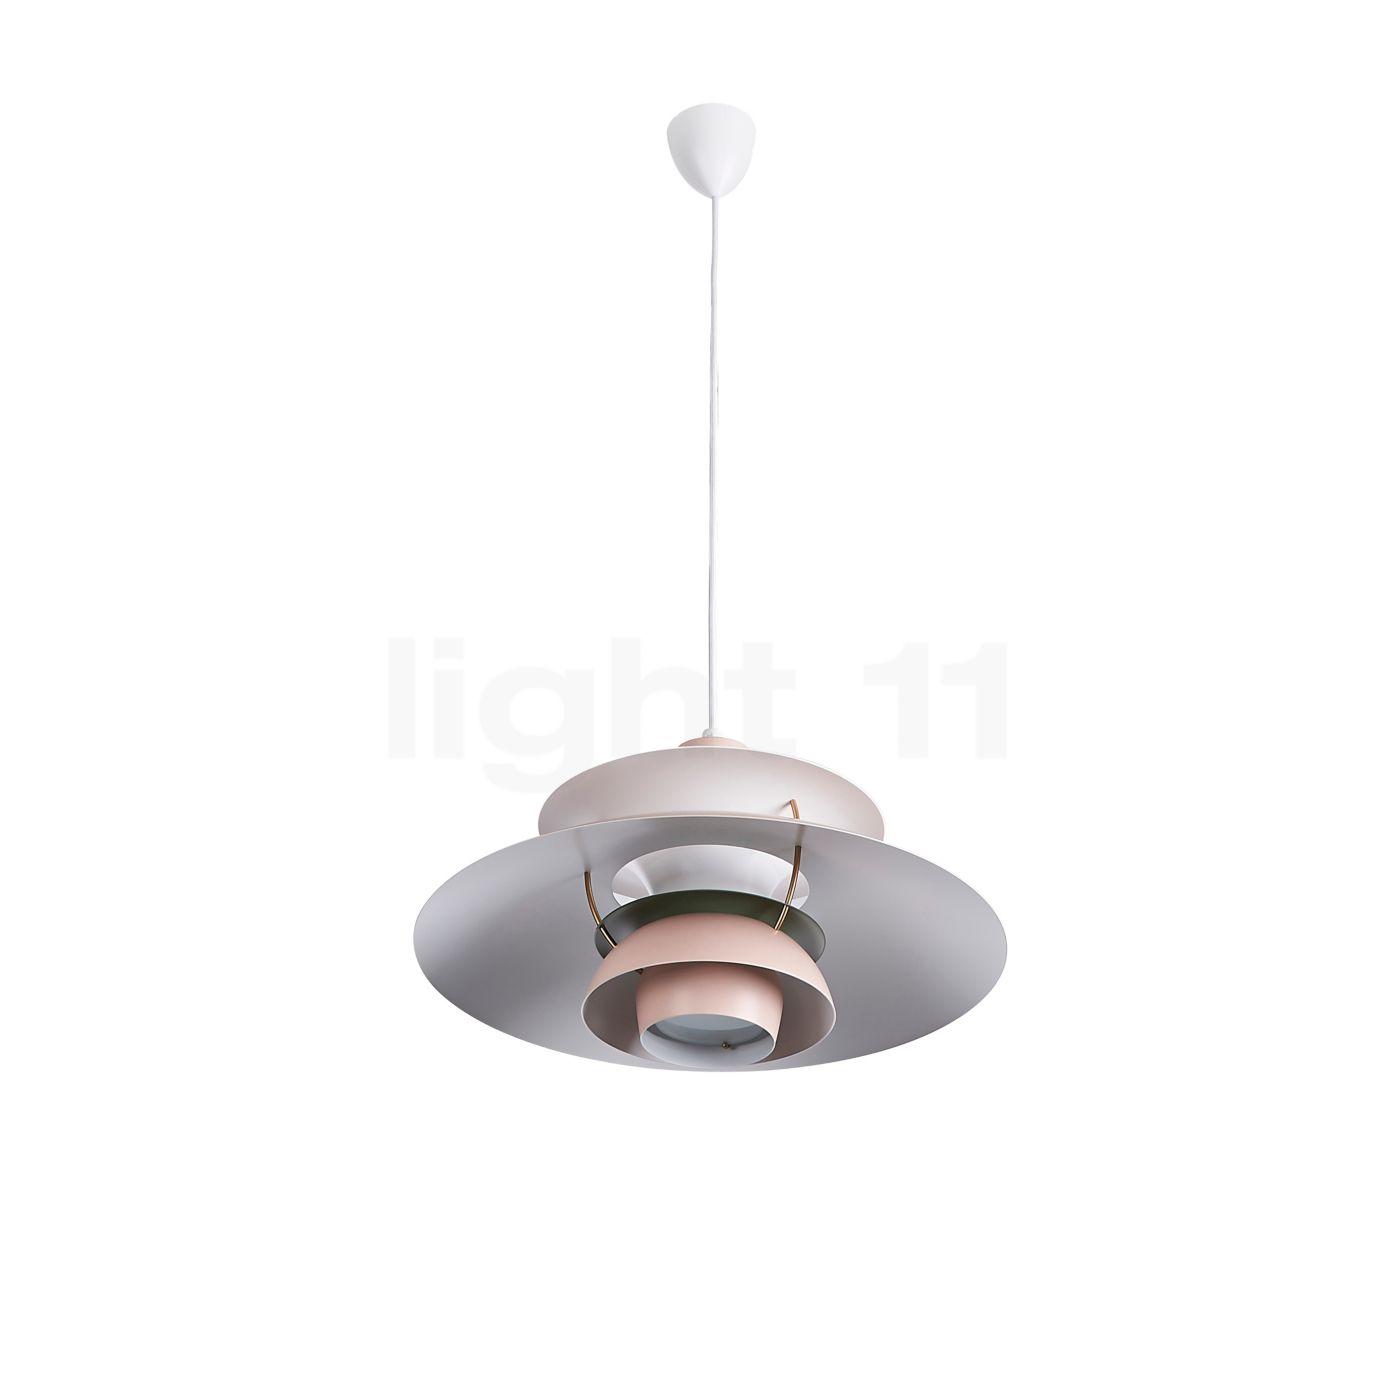 Louis poulsen ph 5 contemporary hanglamp kopen op light11.nl